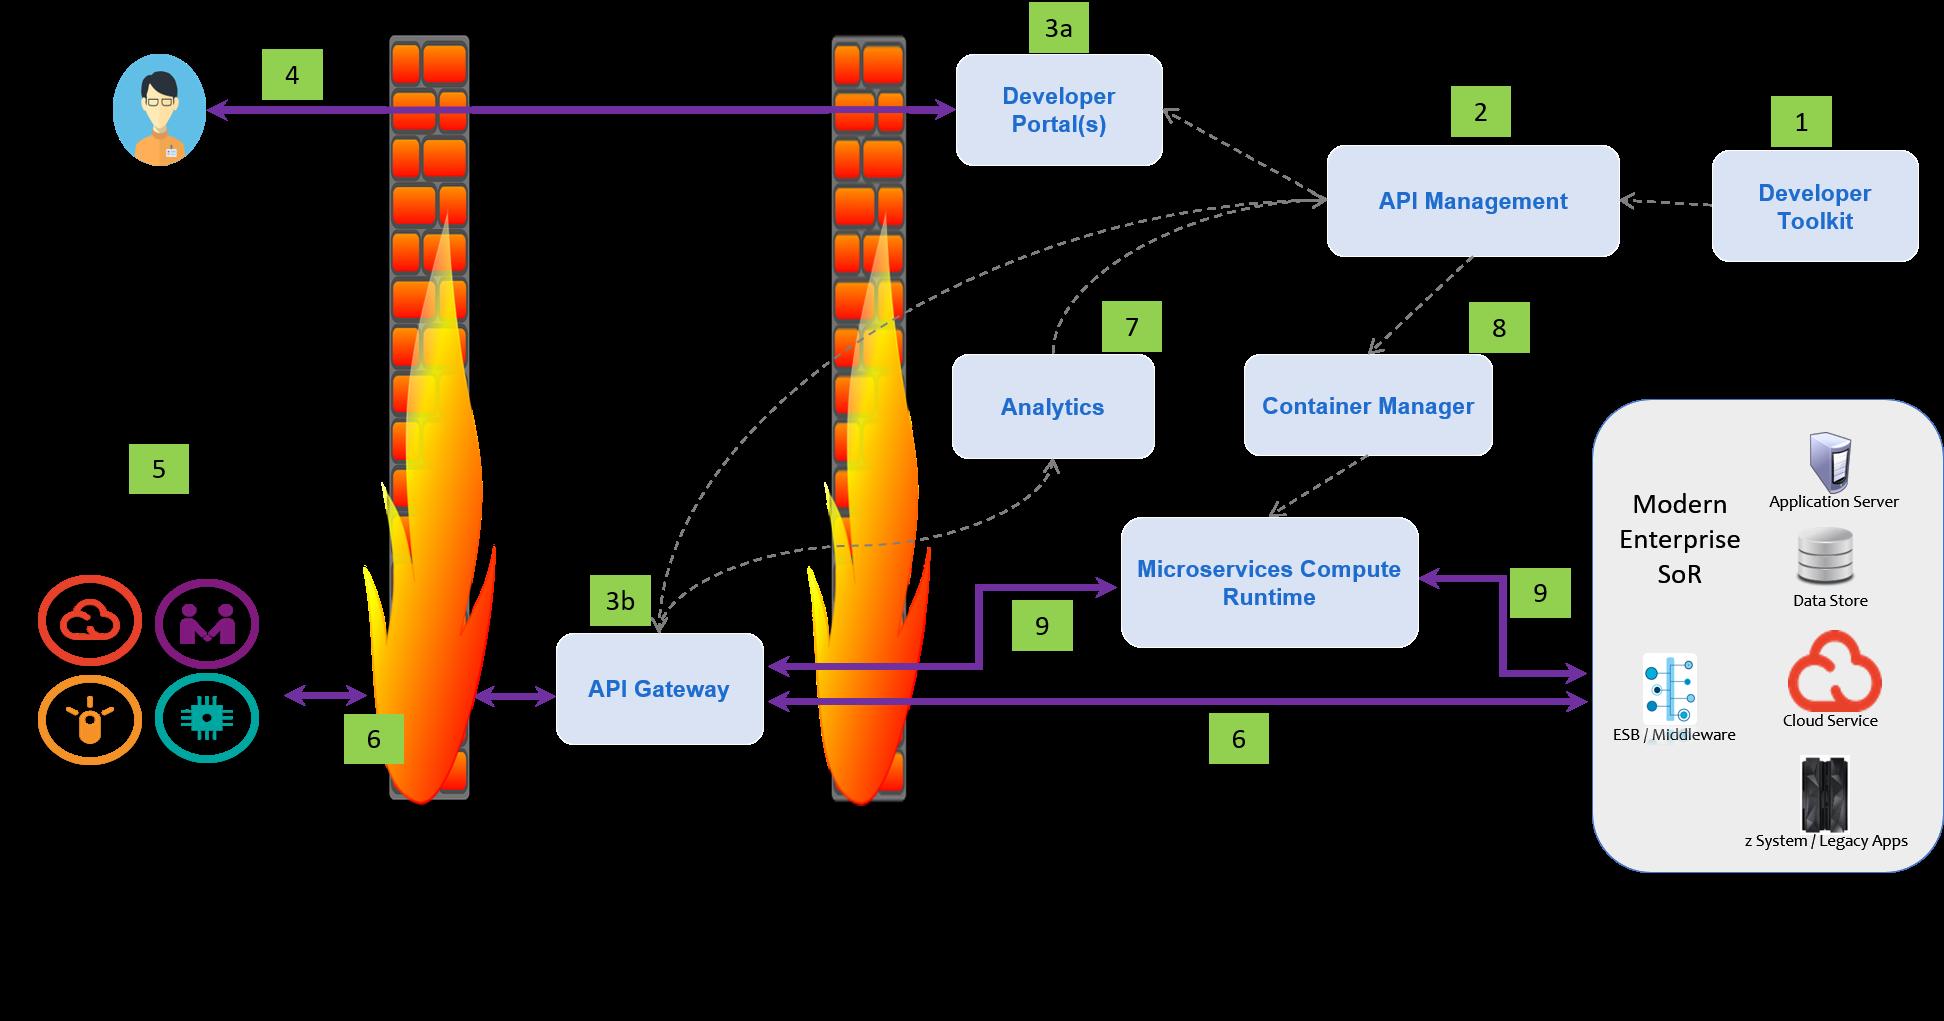 IT architecture showing API Management components